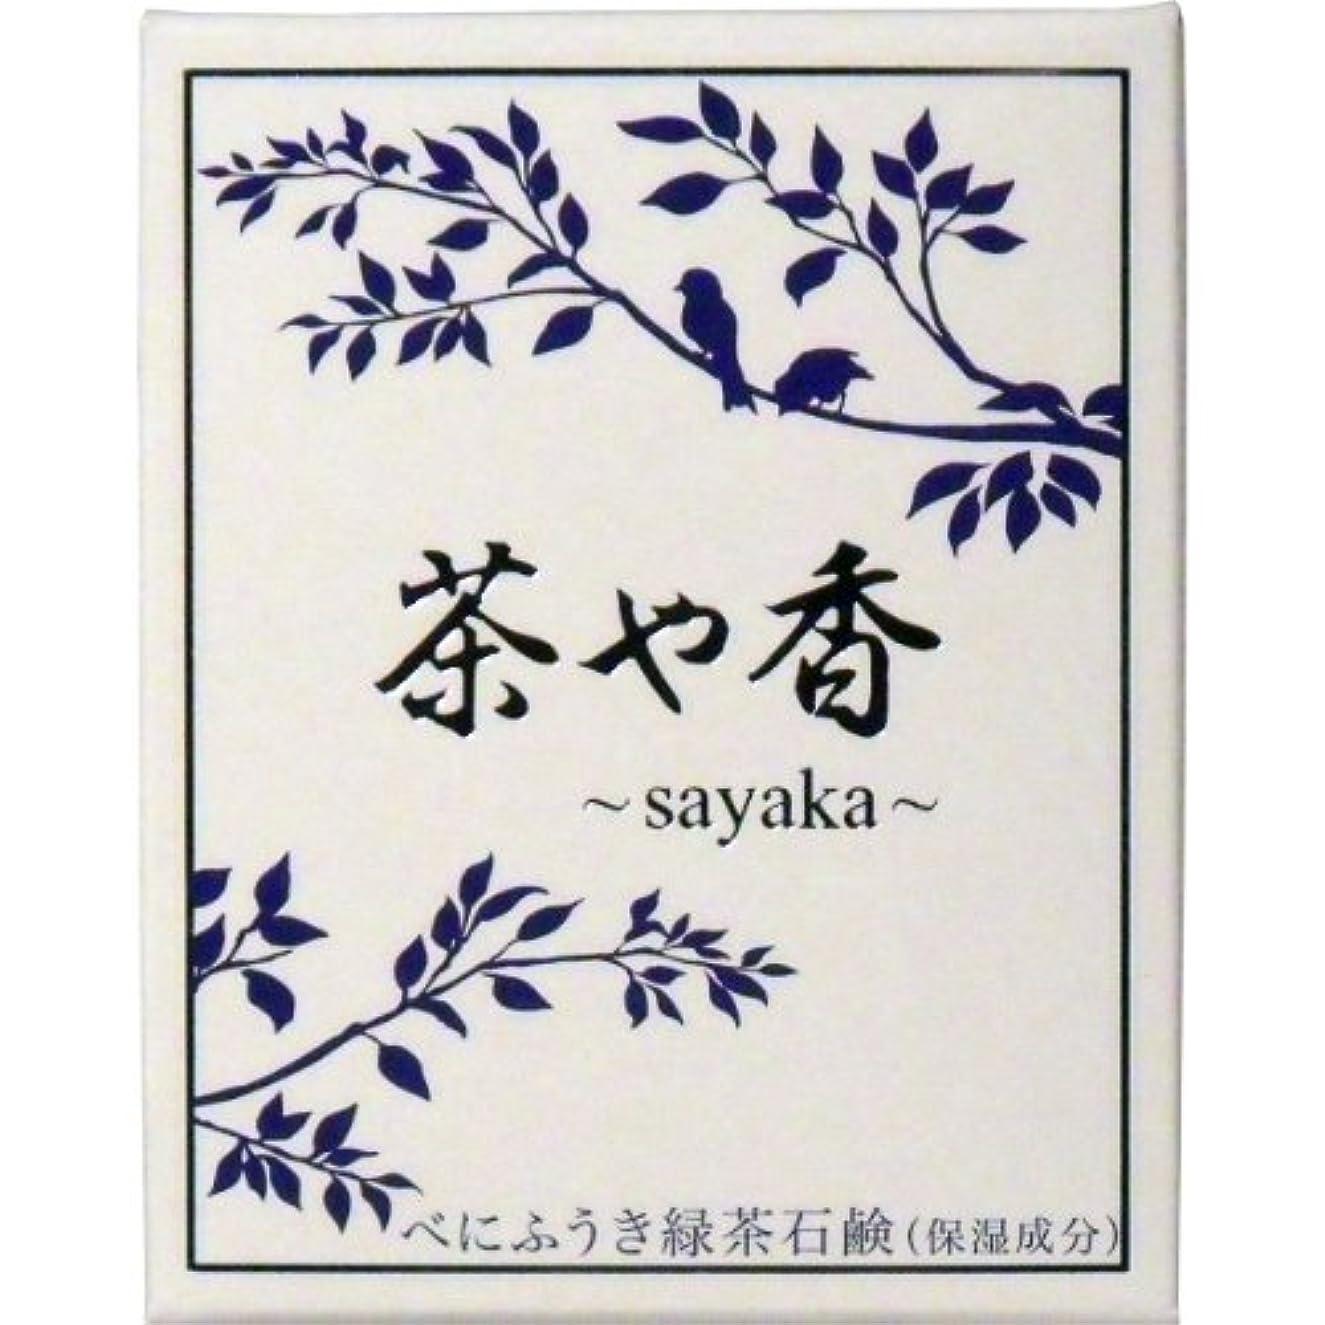 モロニックブランク湿原茶や香 -sayaka- べにふうき緑茶石鹸 100g入 ×6個セット